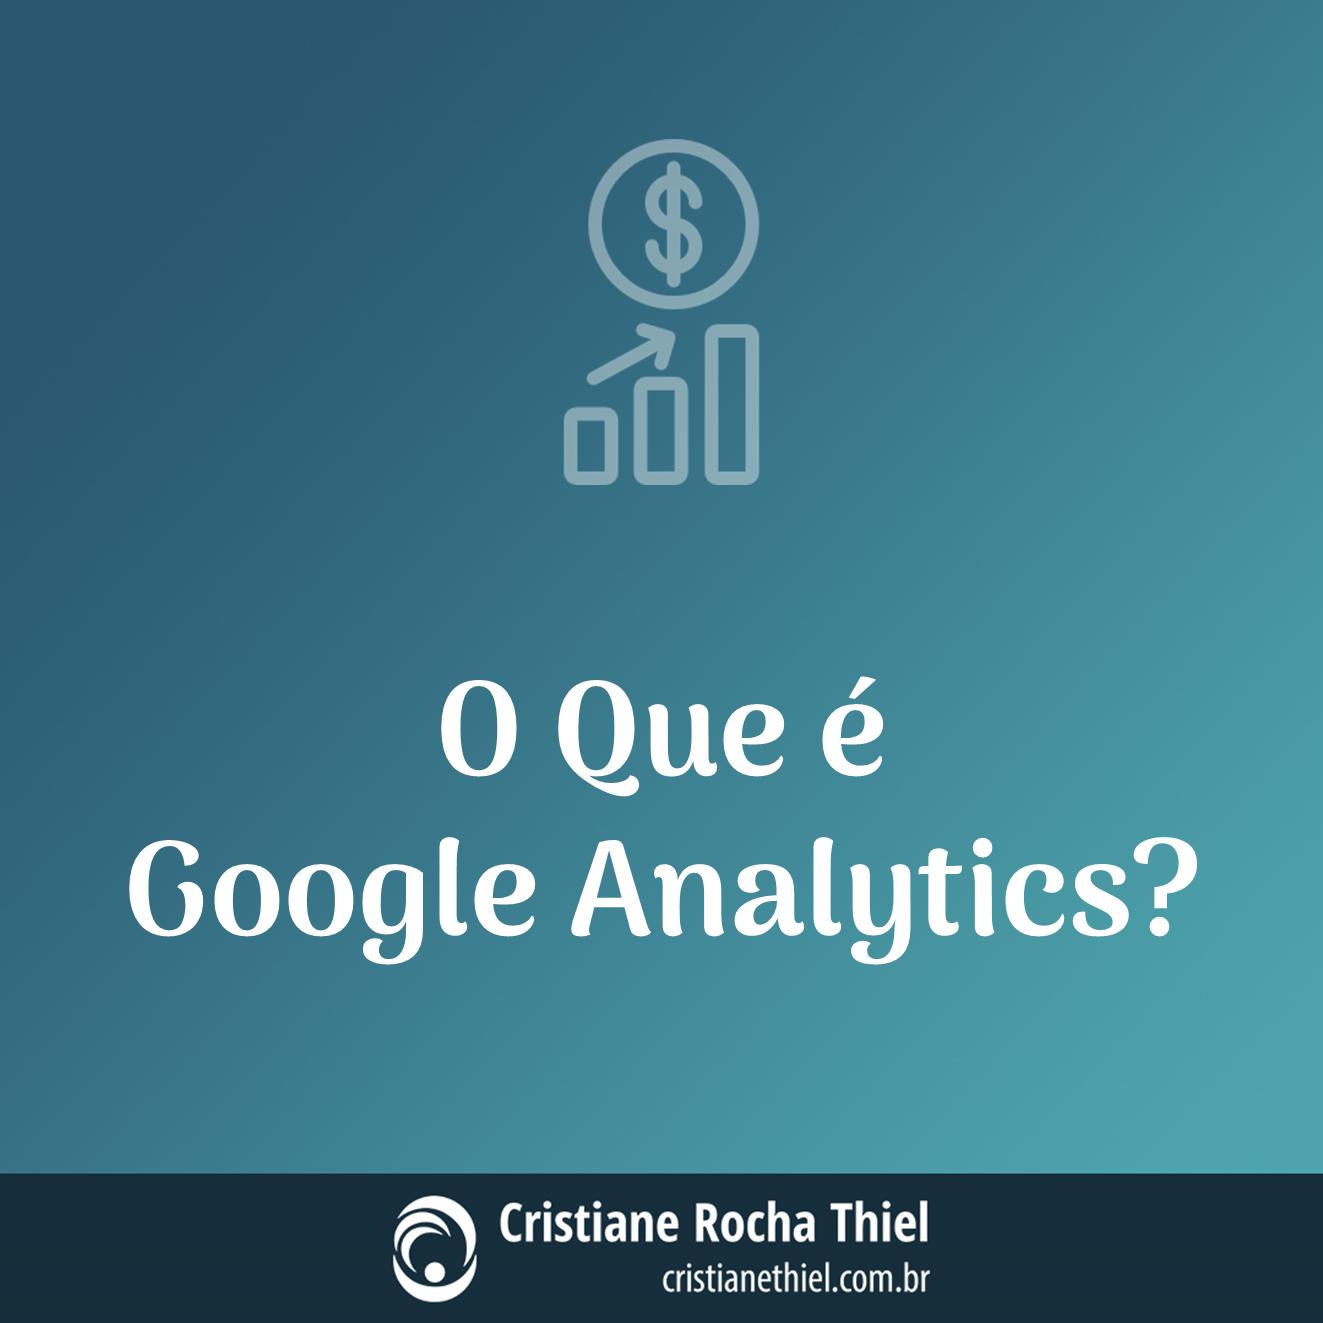 O Marketing Digital é extremamente rastreável e mensurável. Nesse post eu explico o que é Google Analytics e por que ele é importante para o seu negócio.